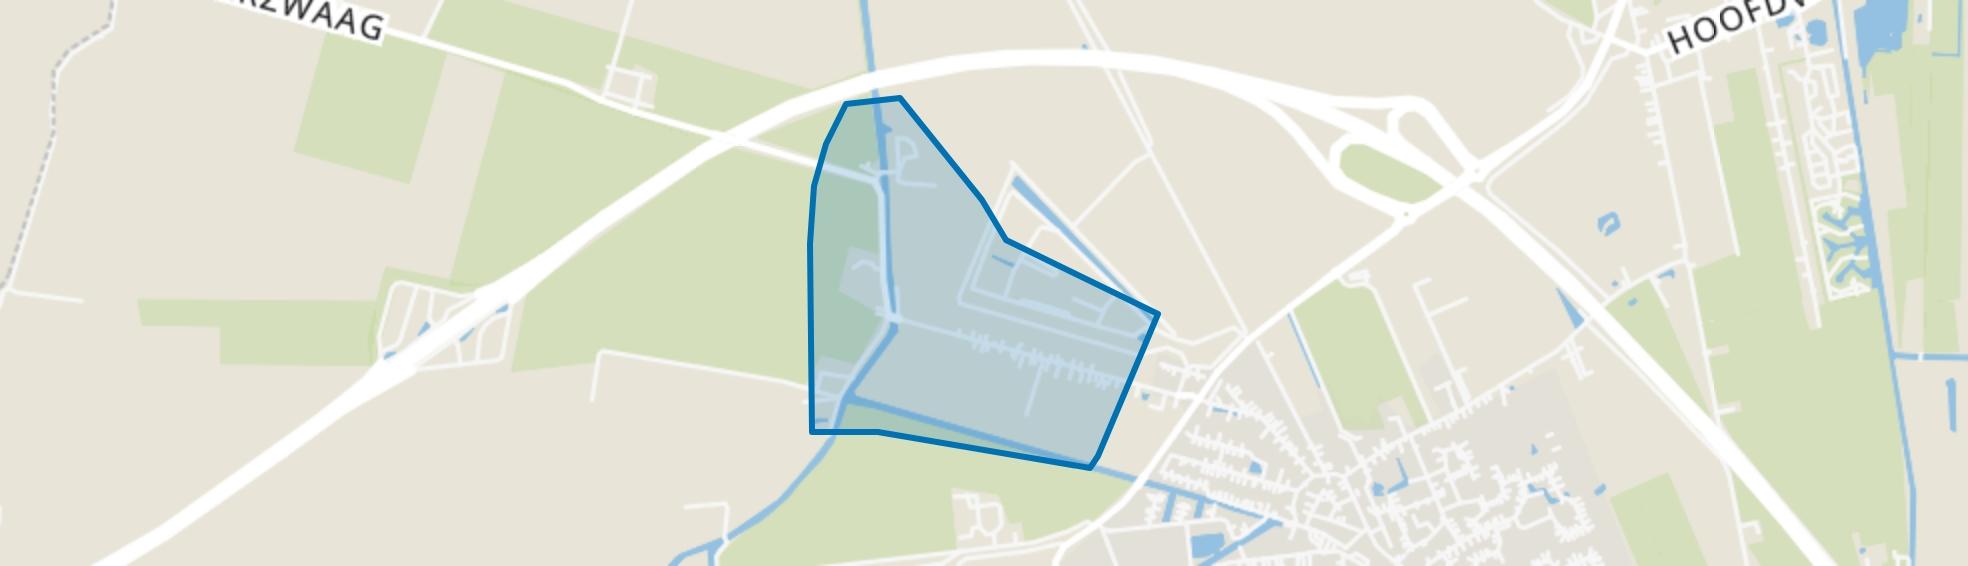 Scheemderzwaag, Scheemda map